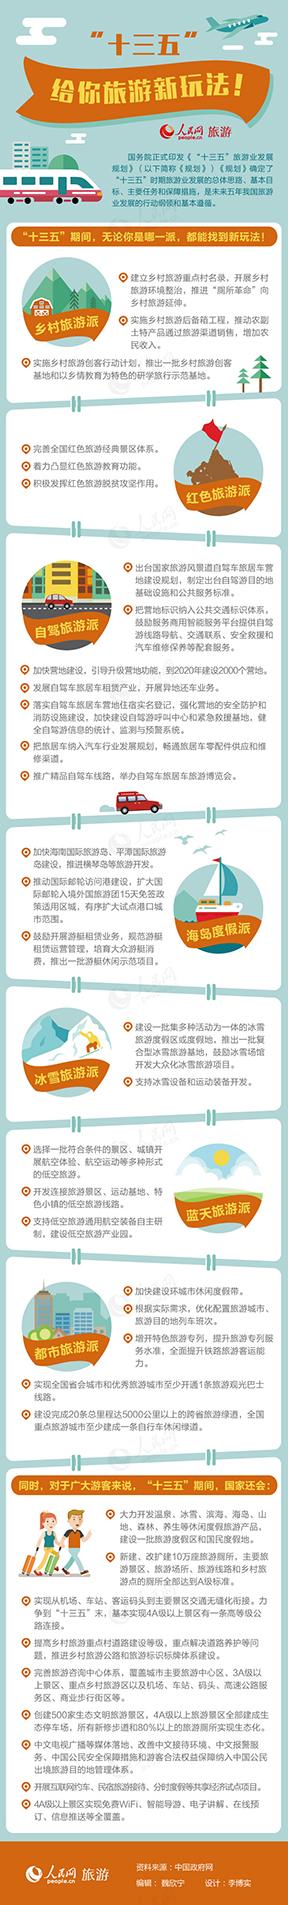 """第34期图解""""十三五""""旅游规划:给你旅游新玩法!26日,国务院正式印发《""""十三五""""旅游业发展规划》(以下简称《规划》),确定了""""十三五""""时期旅游业发展的总体思路、基本目标、主要任务和保障措施,是未来五年我国旅游业发展的行动纲领和基本遵循。"""